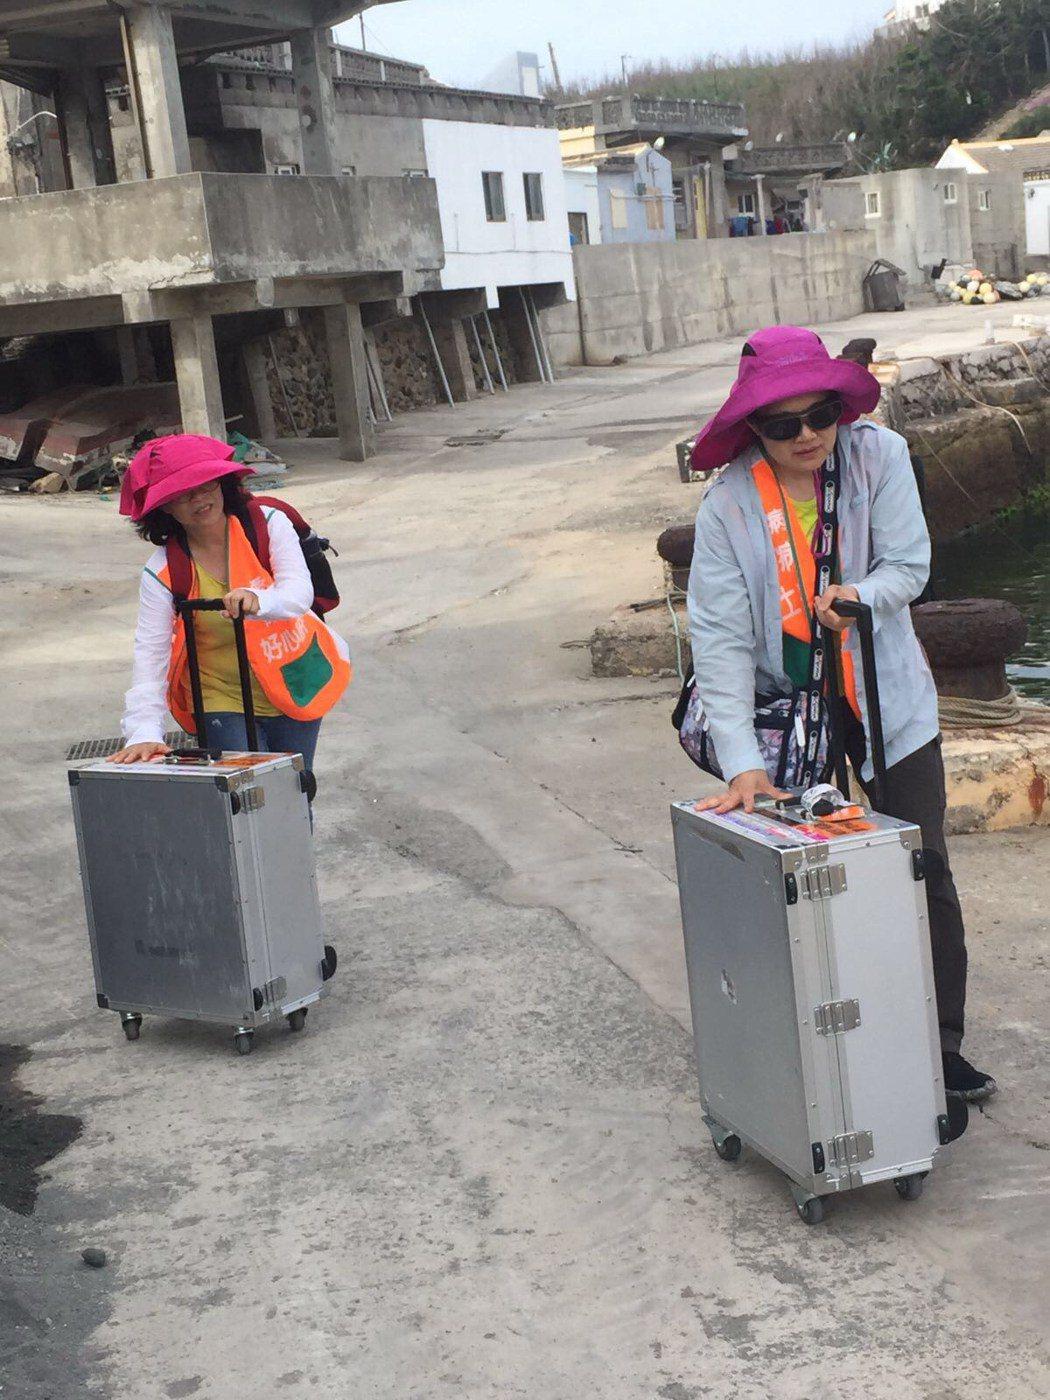 在交通不便的離島做保肝服務,全靠肝基會同仁用人力運送檢查物品及儀器。